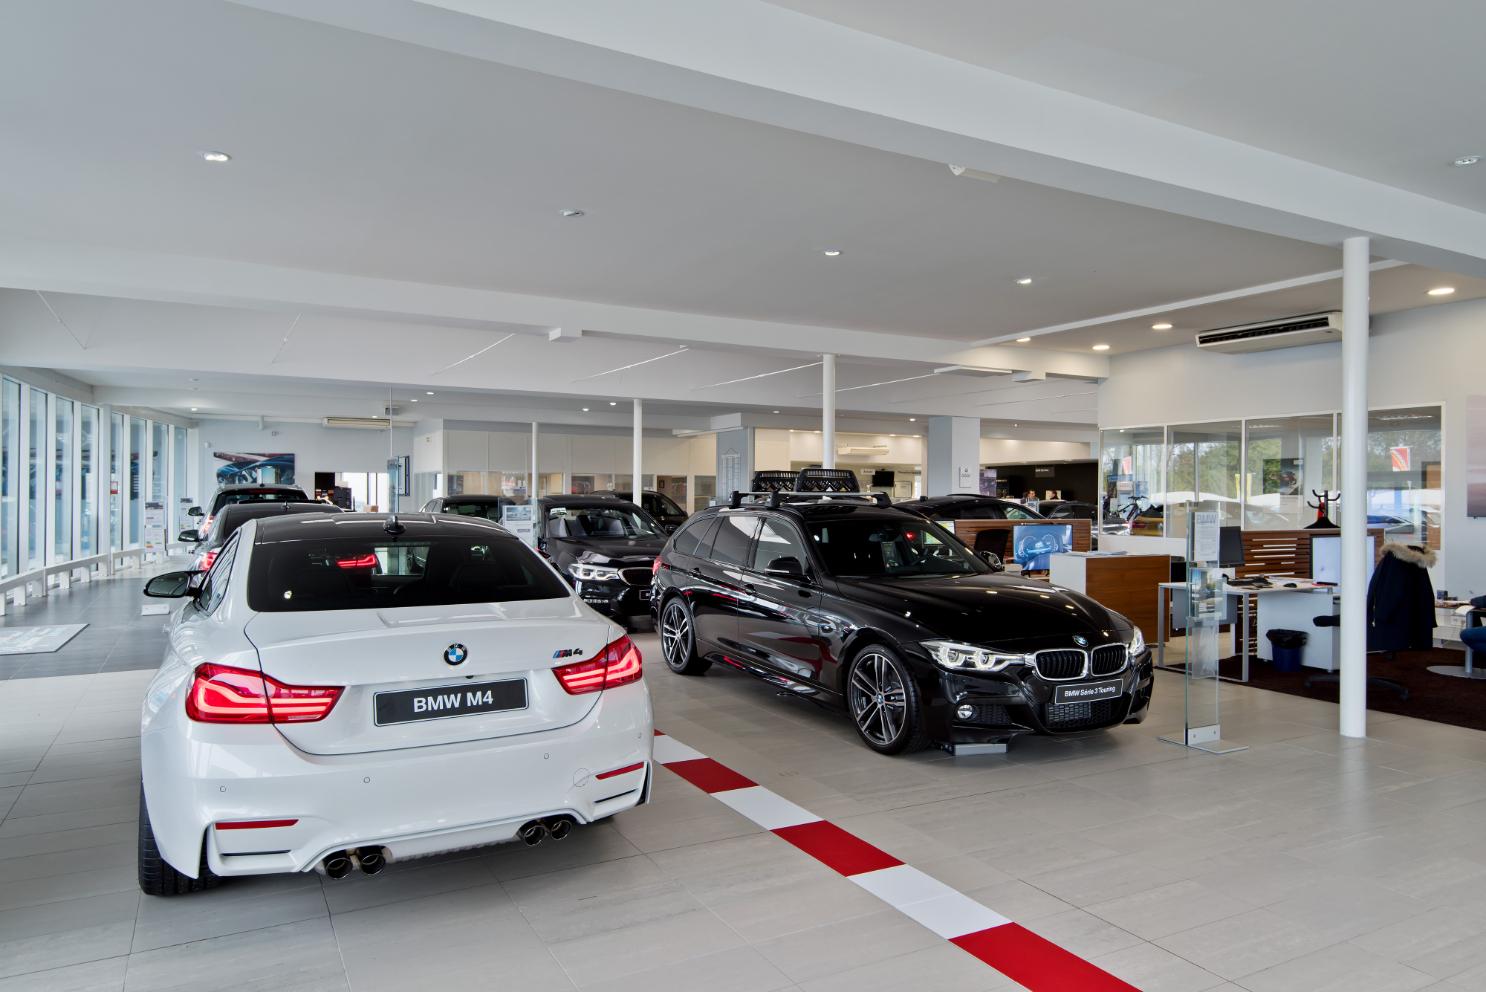 BMW MINI Tarbes mar 2018 MD (08).jpg